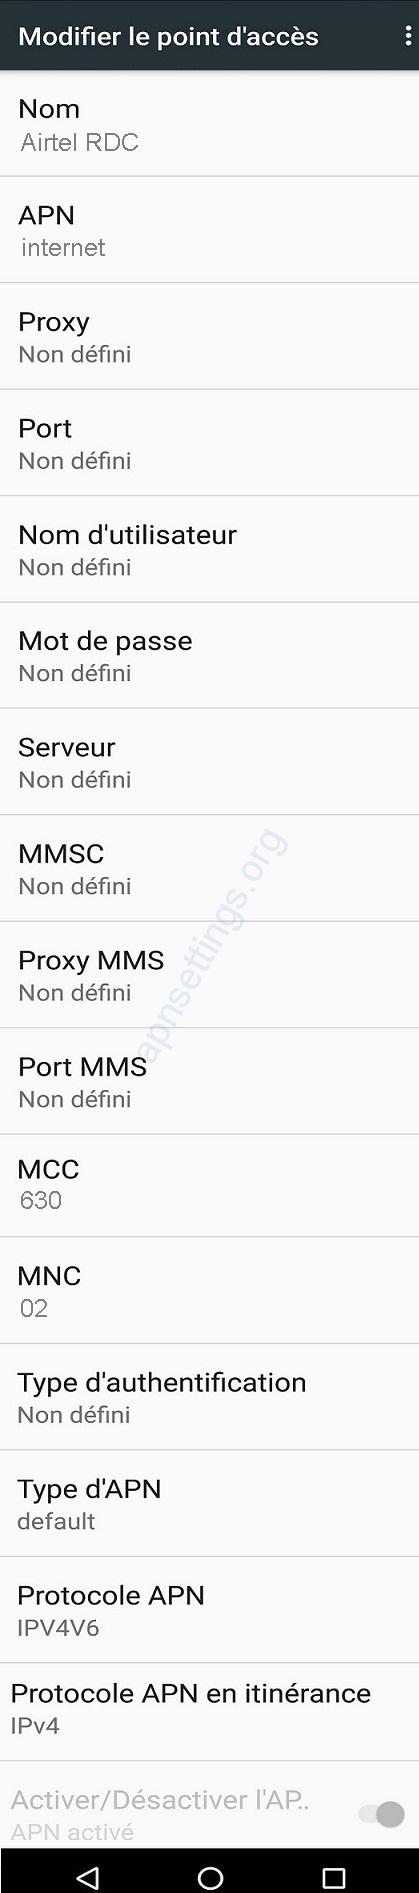 Paramètre Internet pour Airtel RDC